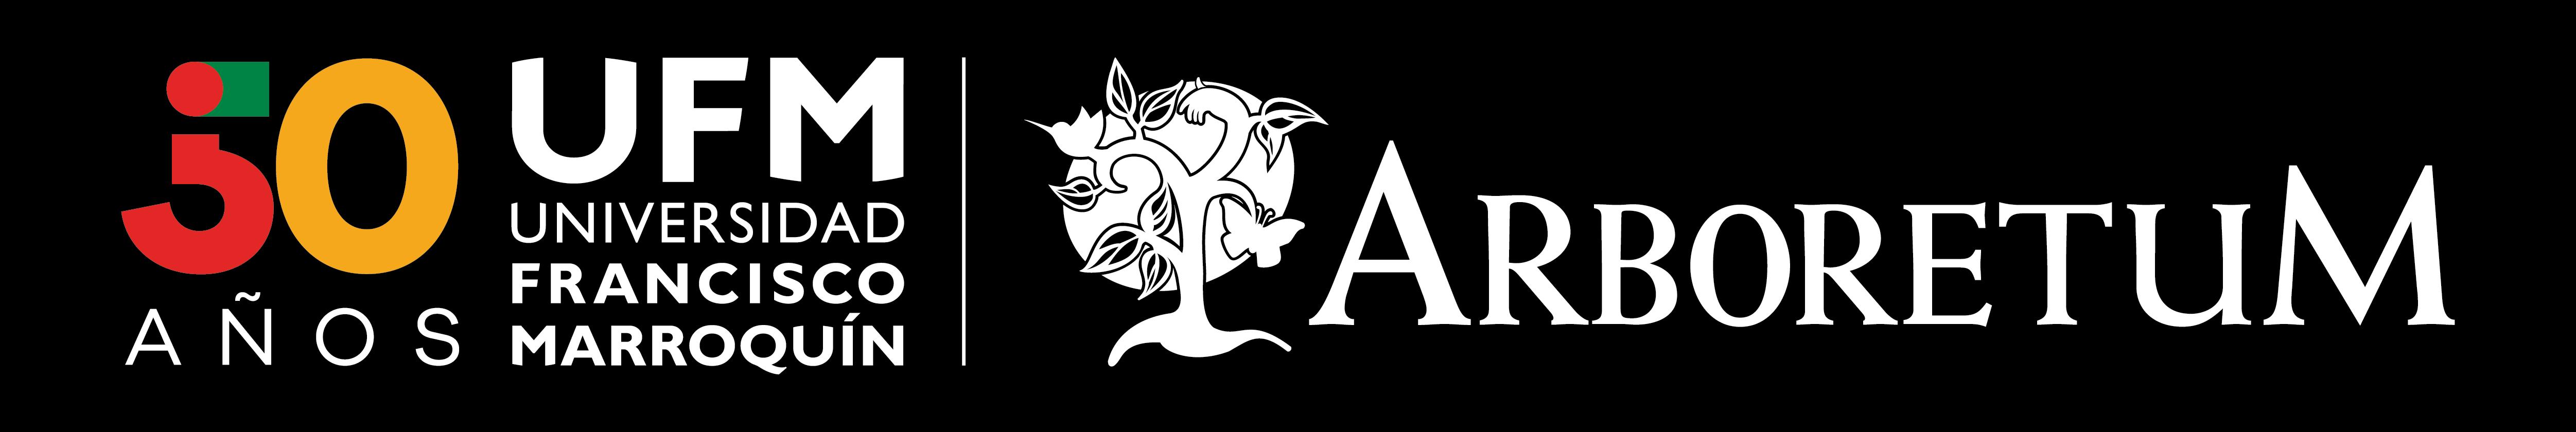 logo-arboretum-50